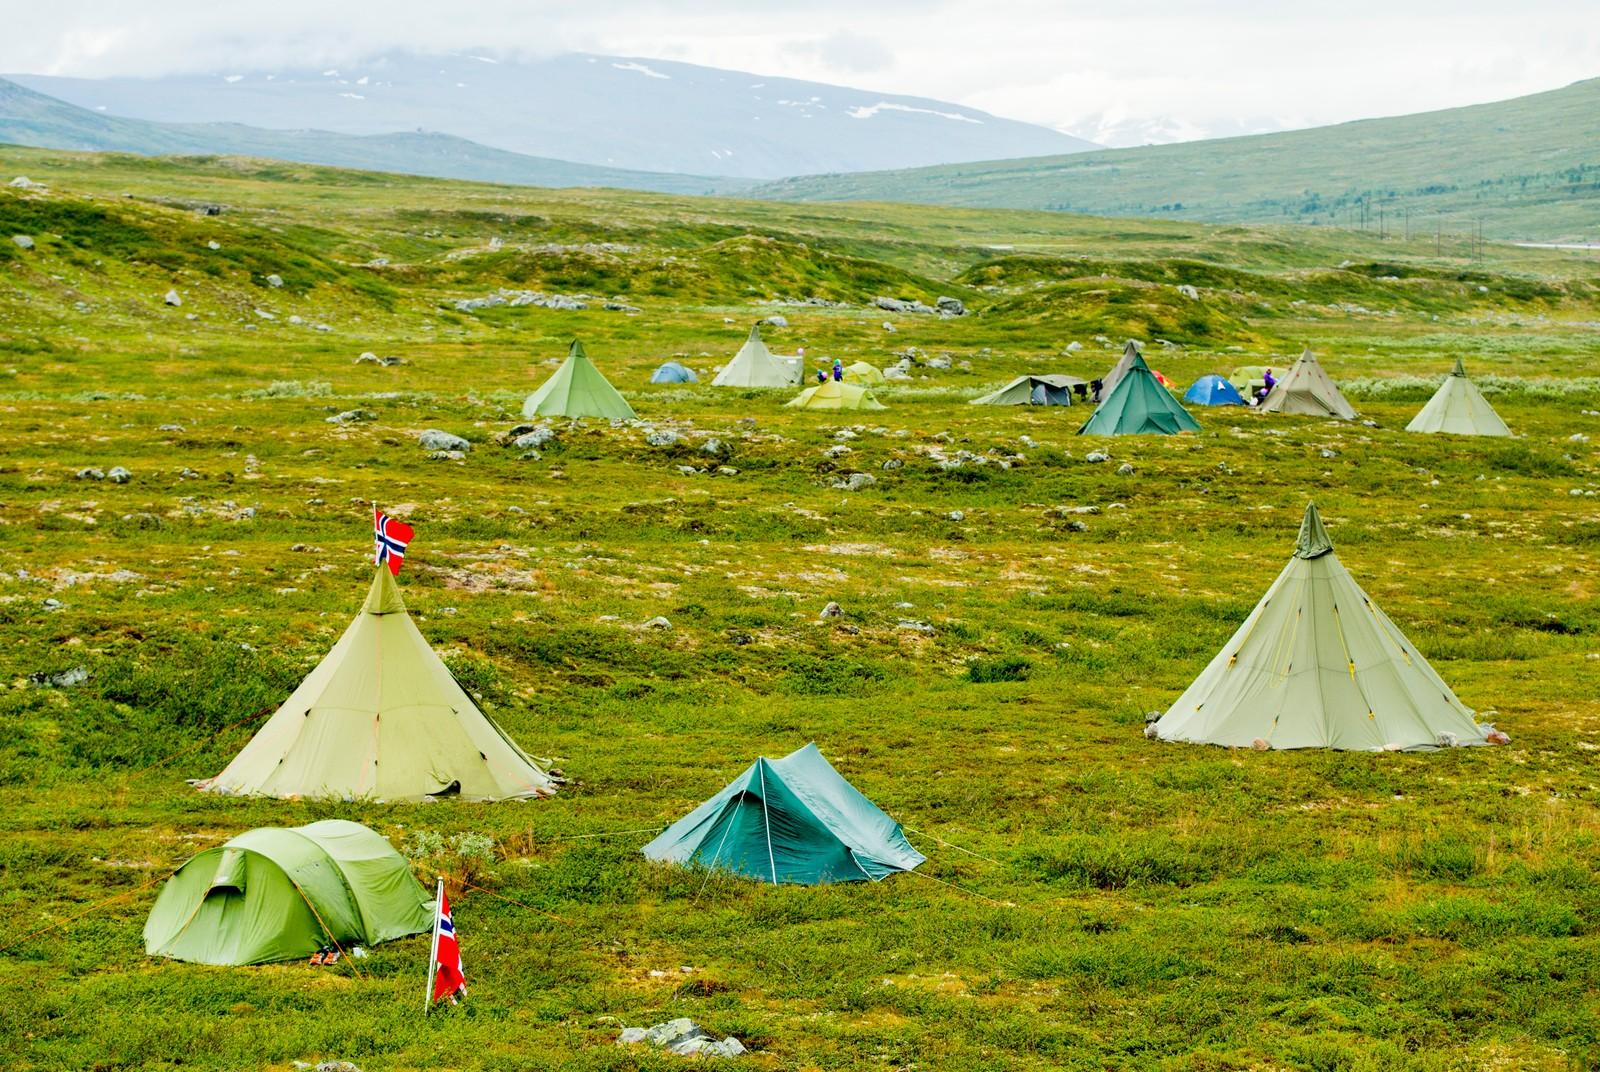 Tilskuere overnatter i telt før fjerde og siste etappe i sykkelrittet Arctic Race of Norway søndag. Etappen går fra Polarsirkelen til Bodø.